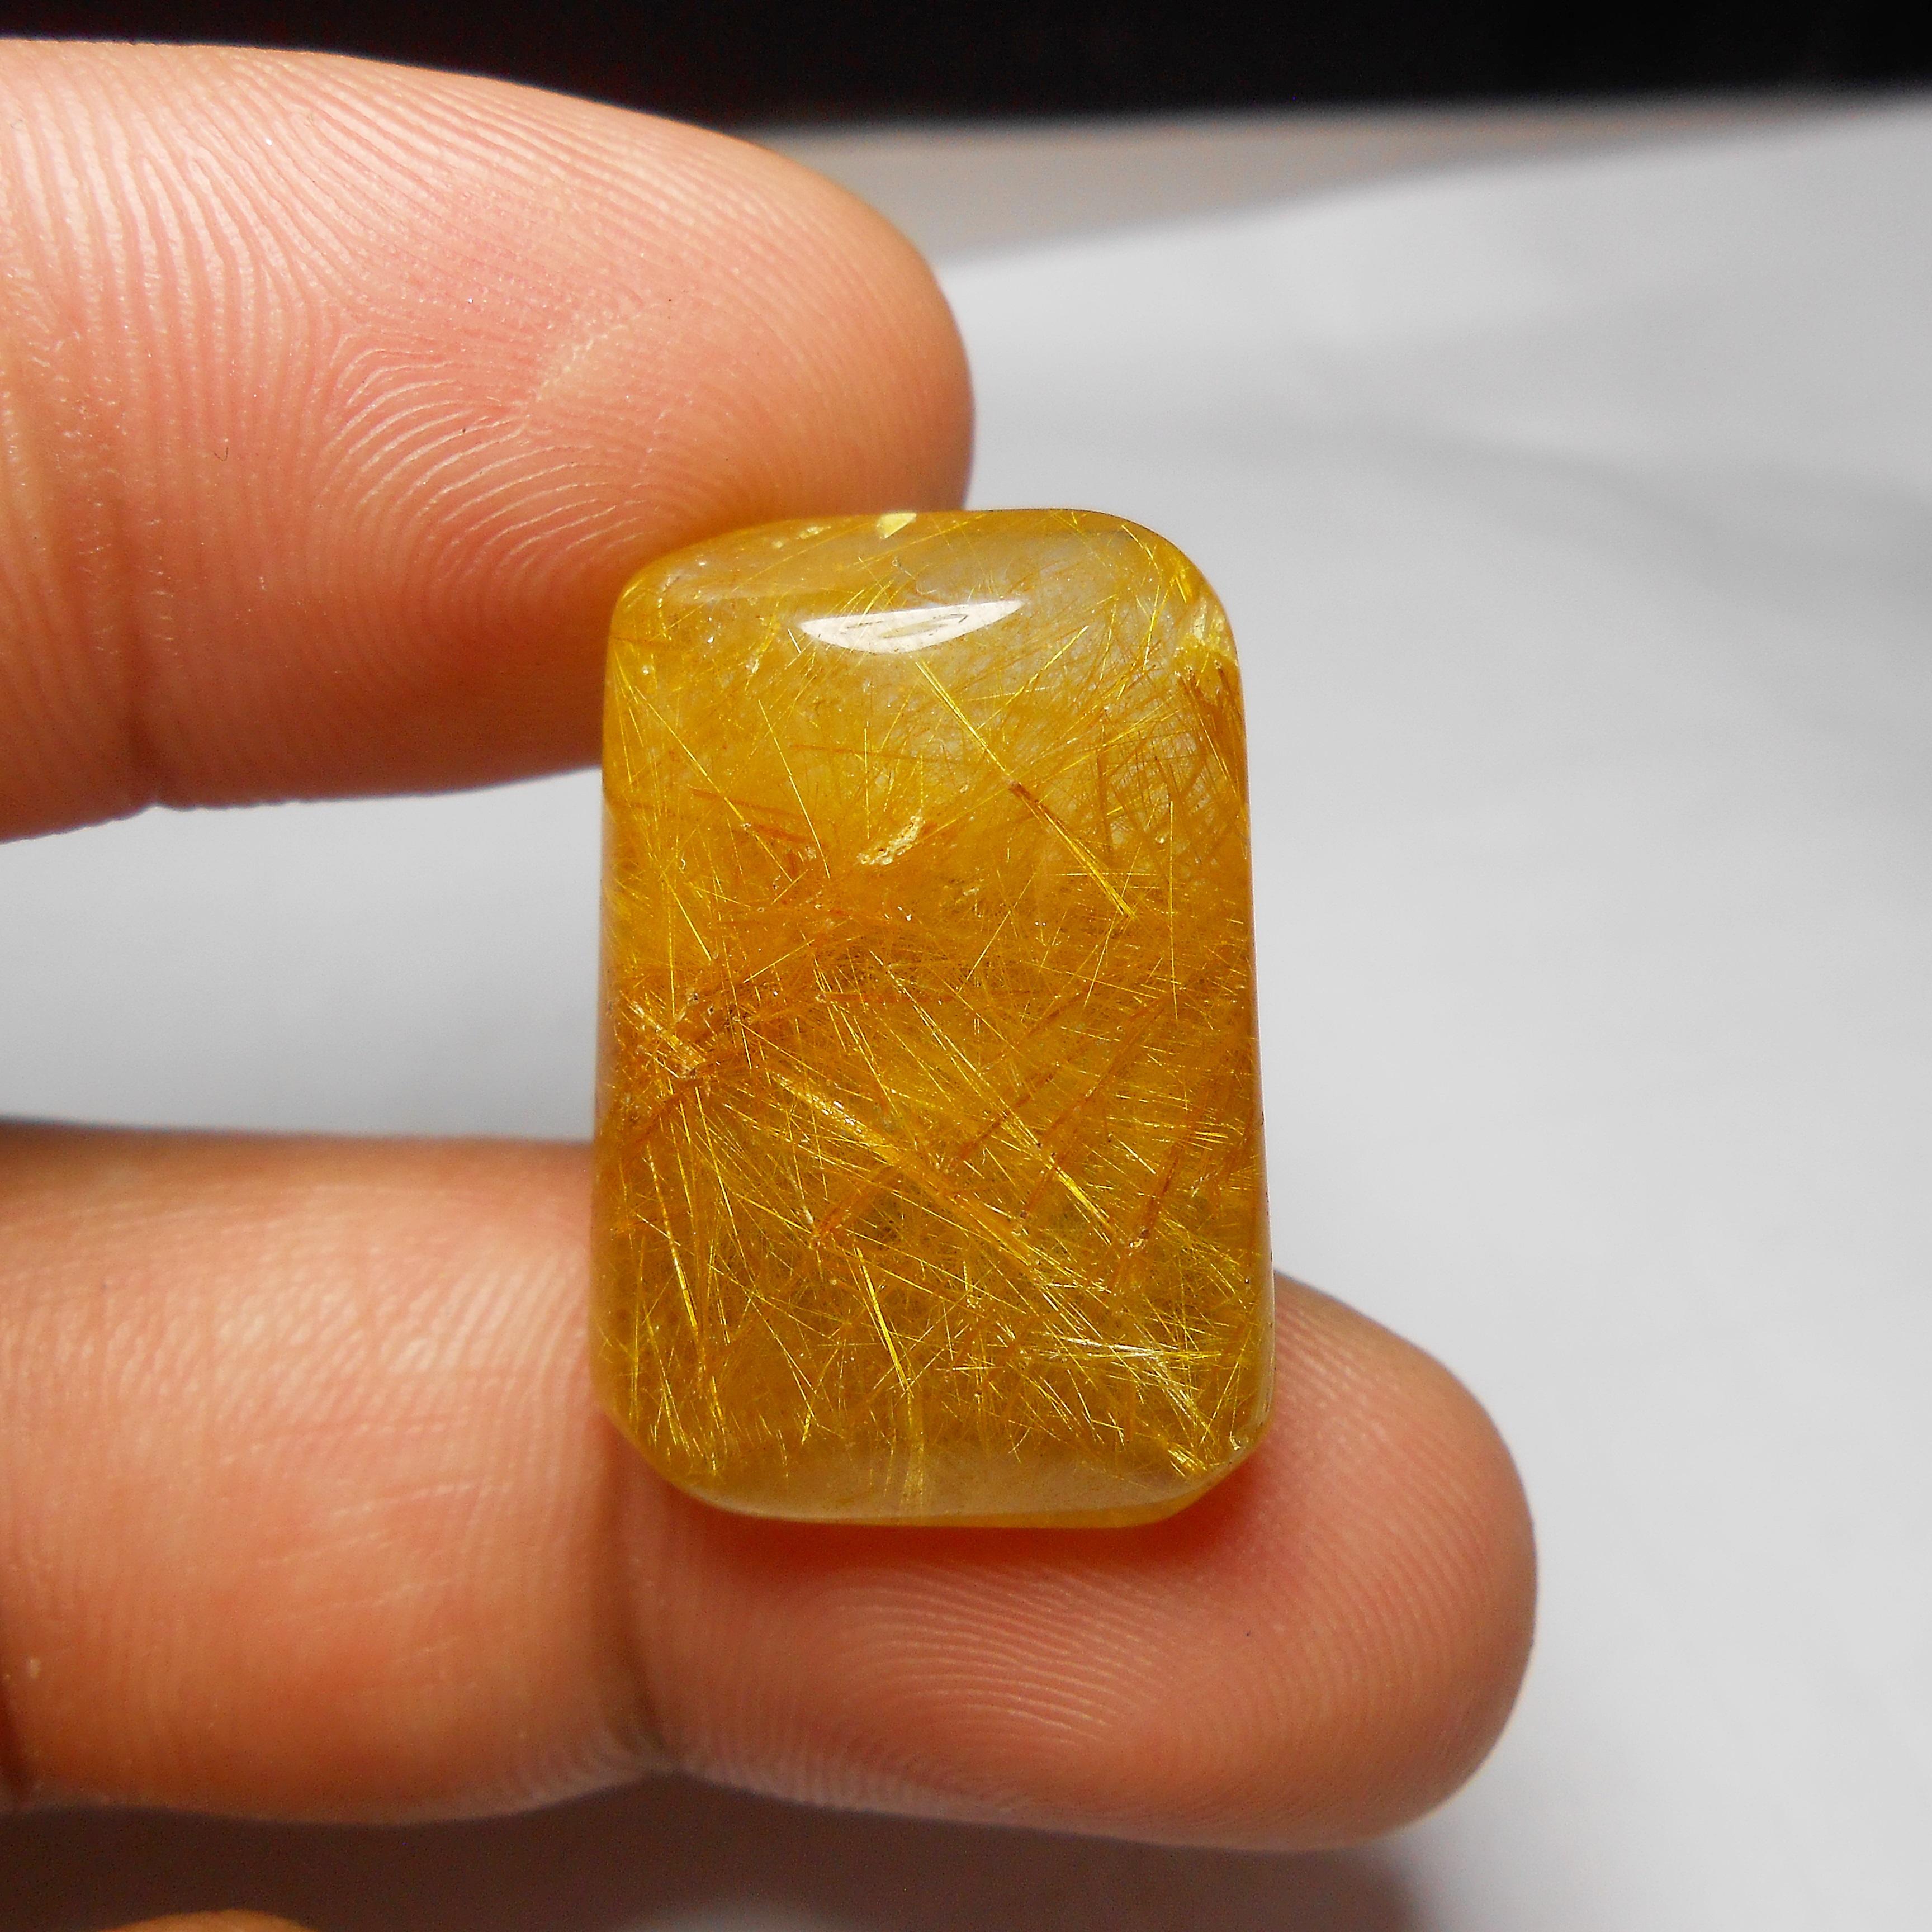 แก้วไหมทอง ขนาดสะสม เส้นสวย ขนาด 2.6x 1.8 mm สำเนา